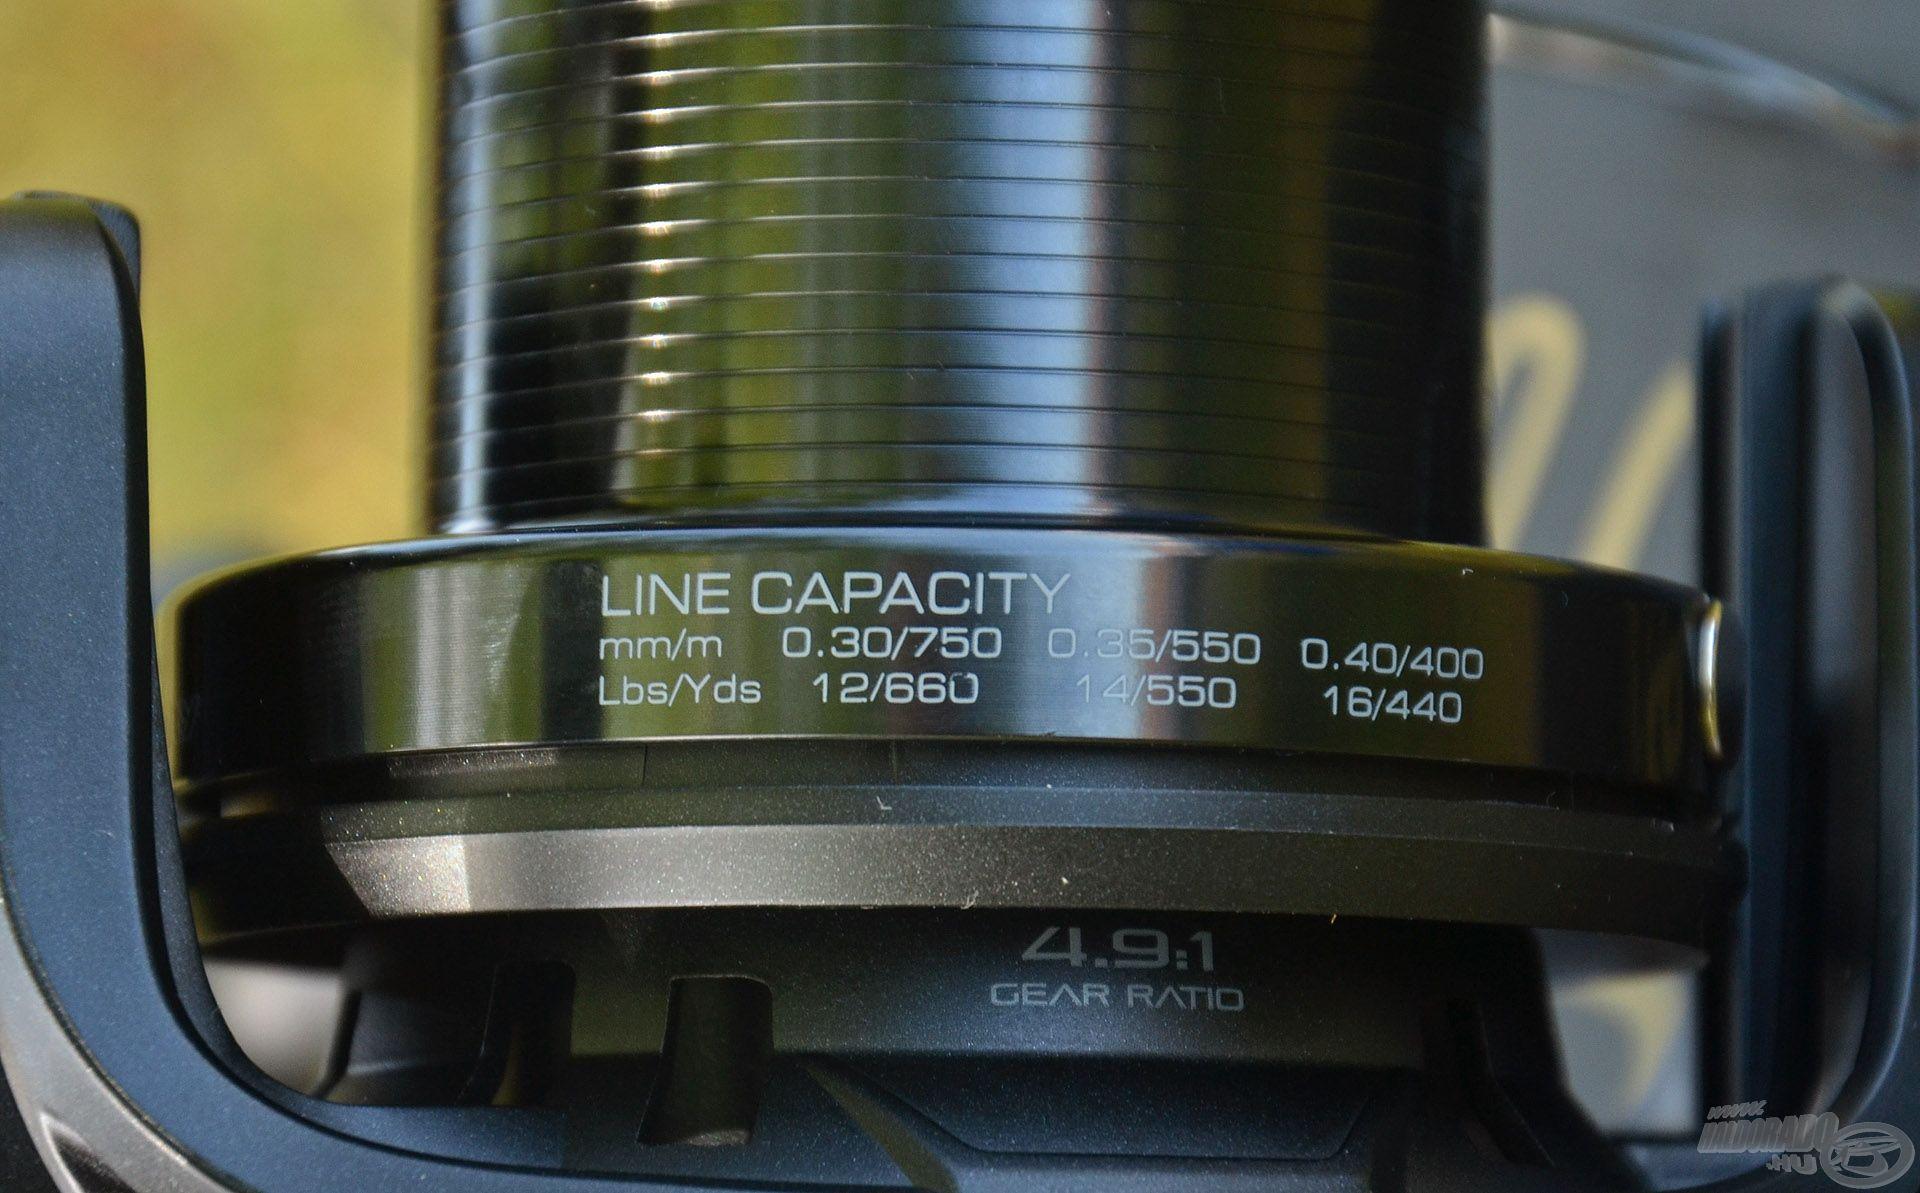 Zsinórkapacitása több mint kielégítő, még a 0,35 mm-es főzsinórból is 550 méter fér a dobjára!